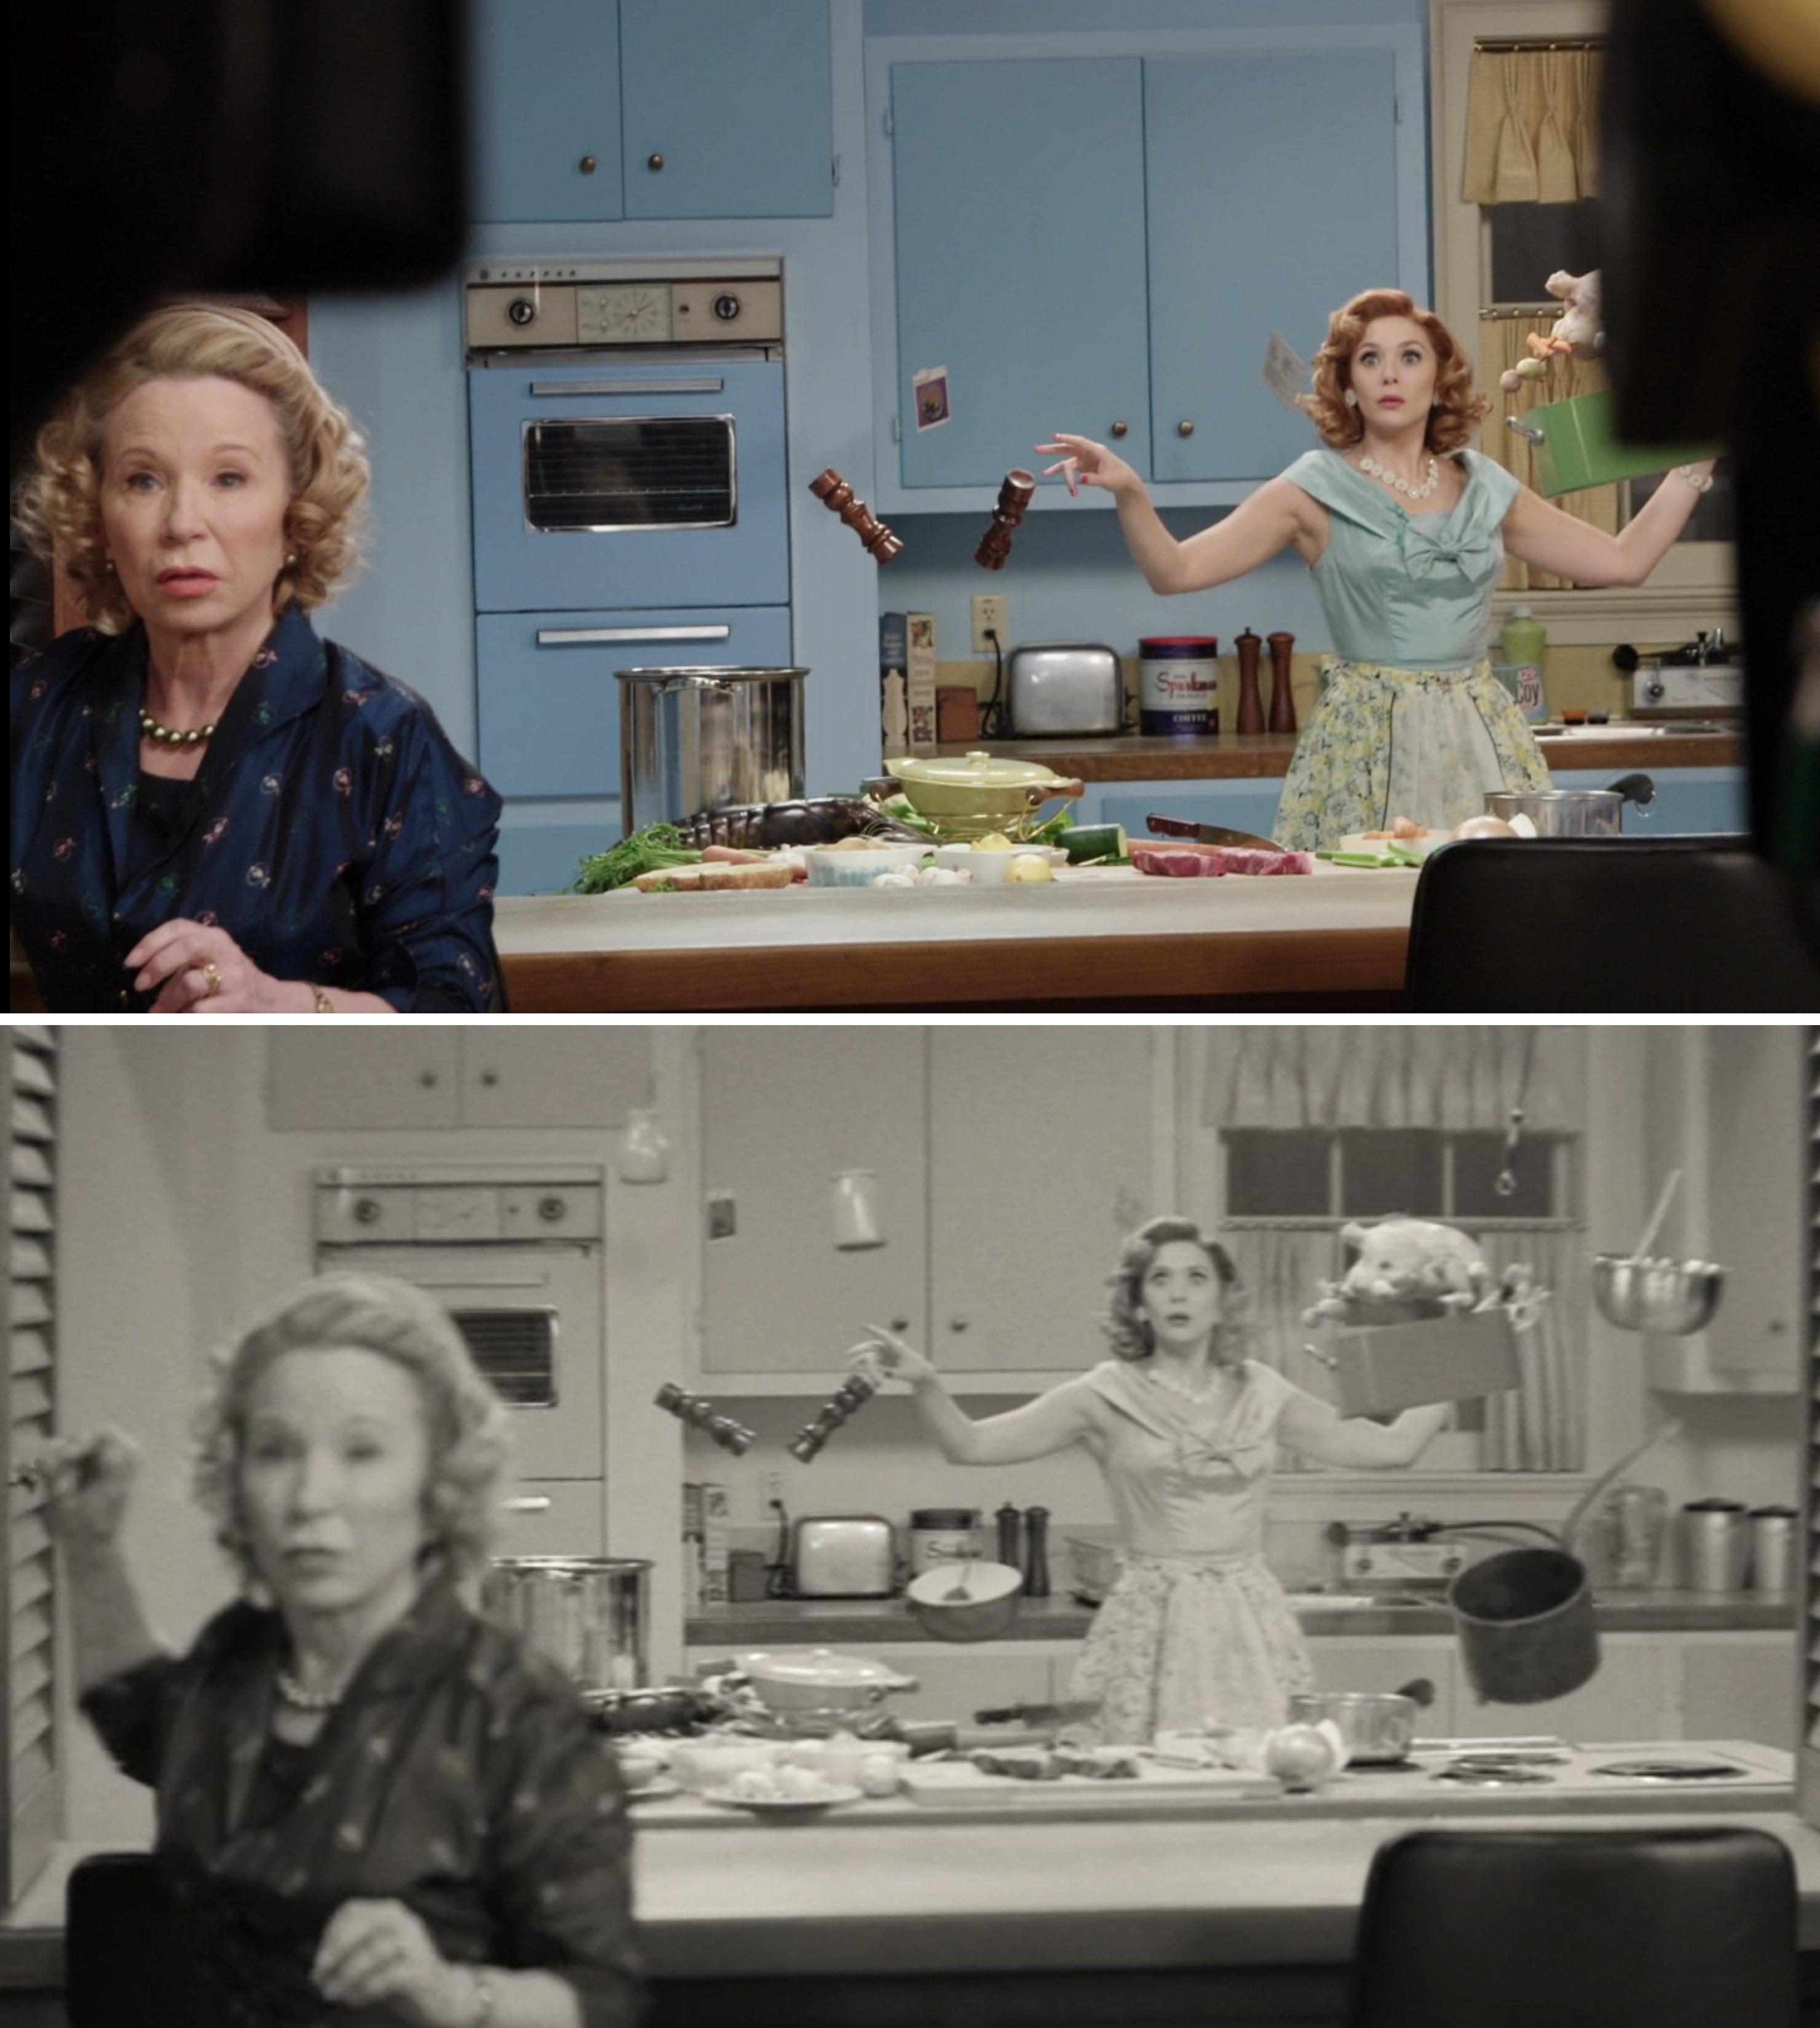 Elizabeth Olsen and Debra Jo Rupp filming a scene when Wanda has floating objects in the kitchen